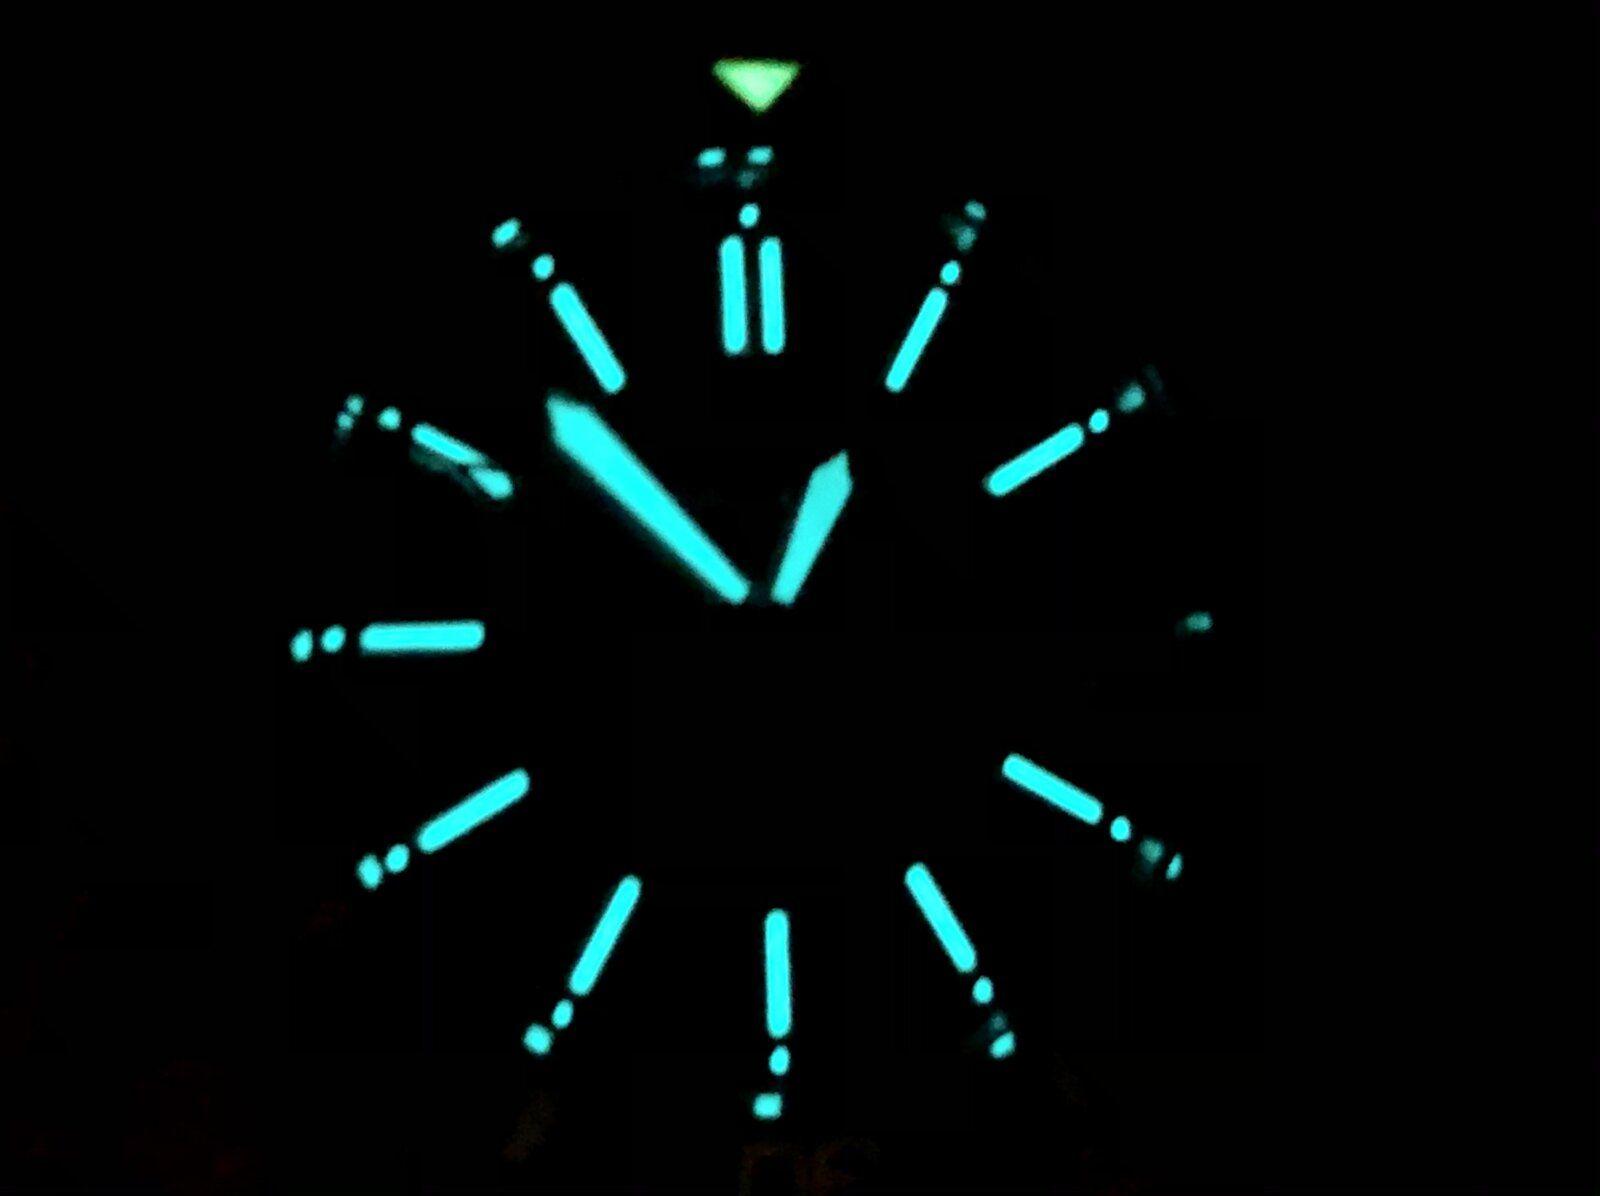 CCD94950-2192-4A4B-B029-E8FF0F83CABF.jpeg